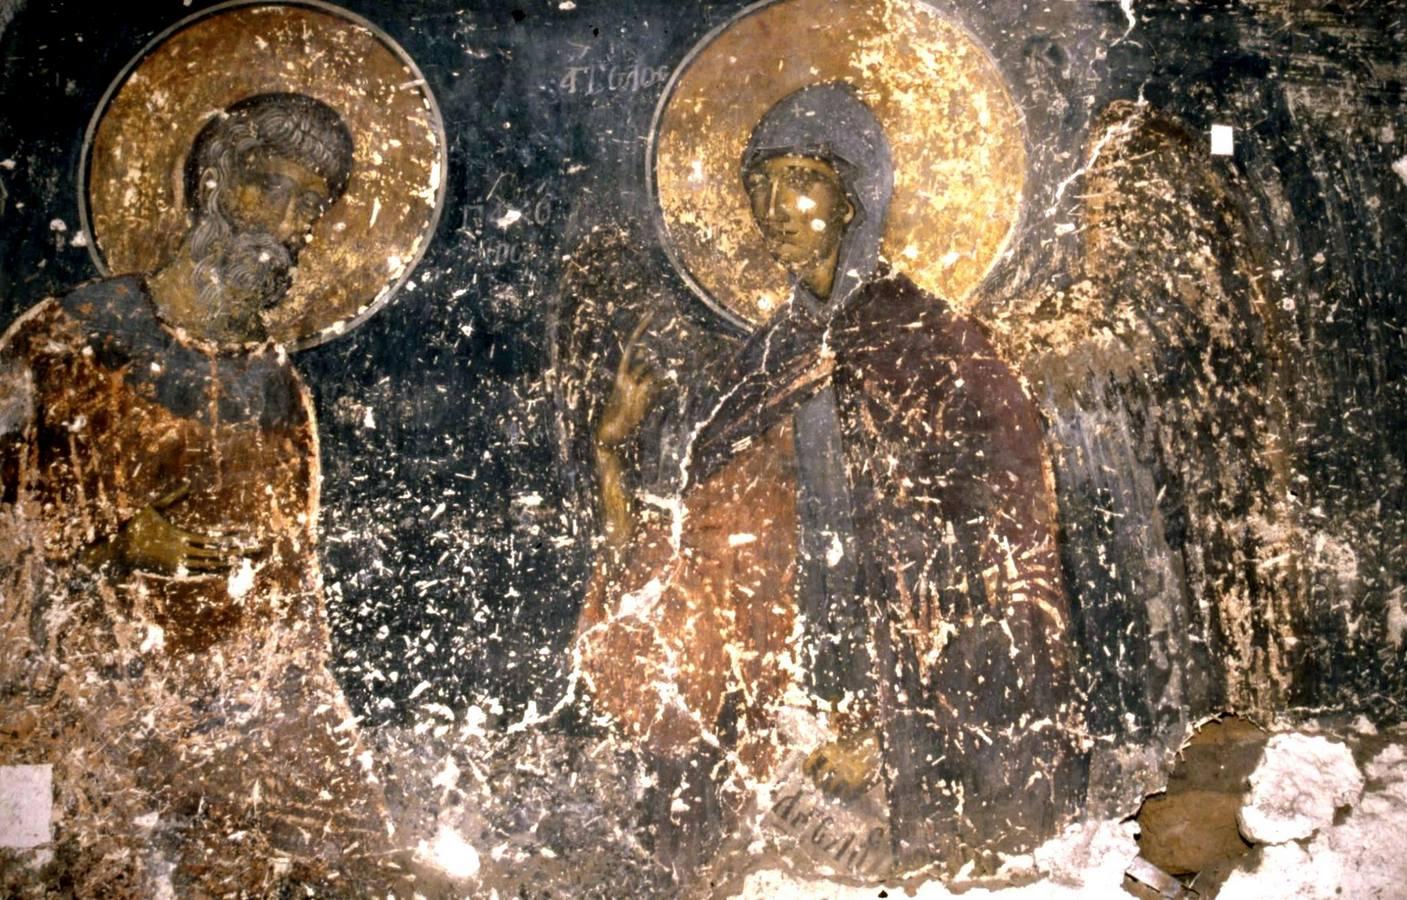 Явление Ангела Господня в схиме Святому Преподобному Пахомию Великому. Фреска церкви Святого Георгия Грамматику в Верии, Греция. Около 1380 года.